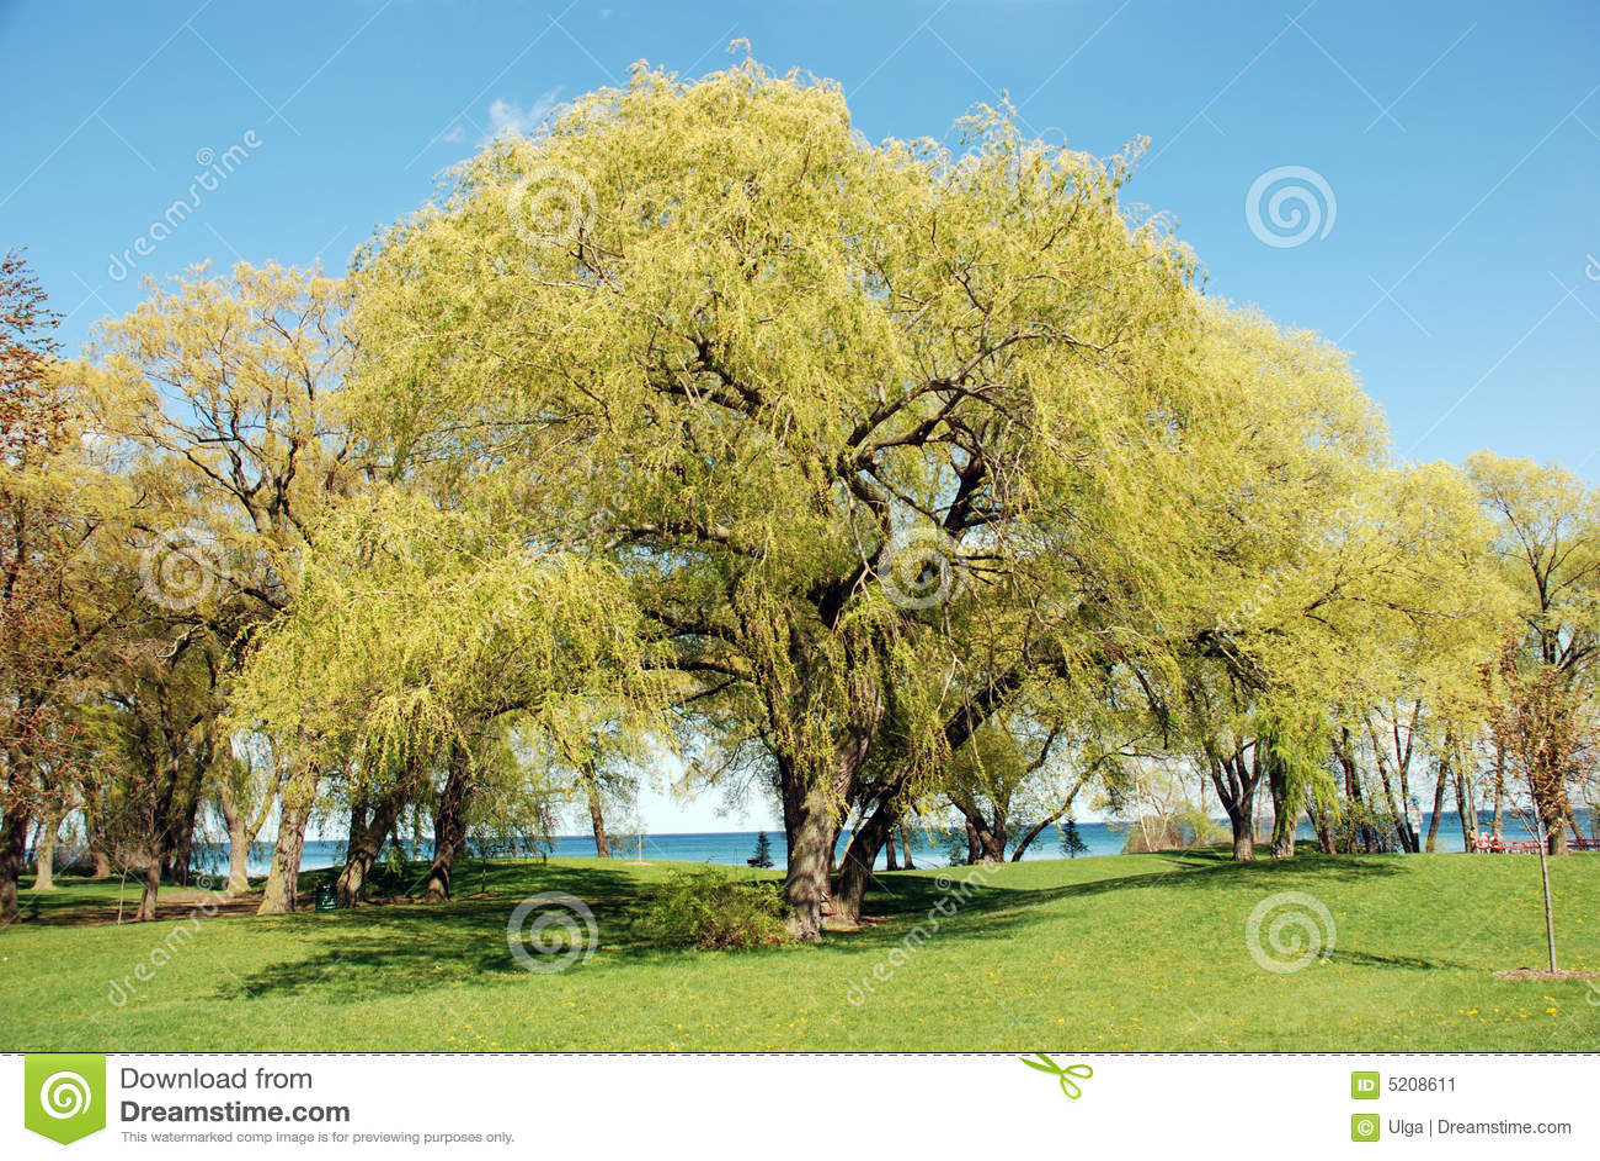 Scène d arbre de saule pleurant